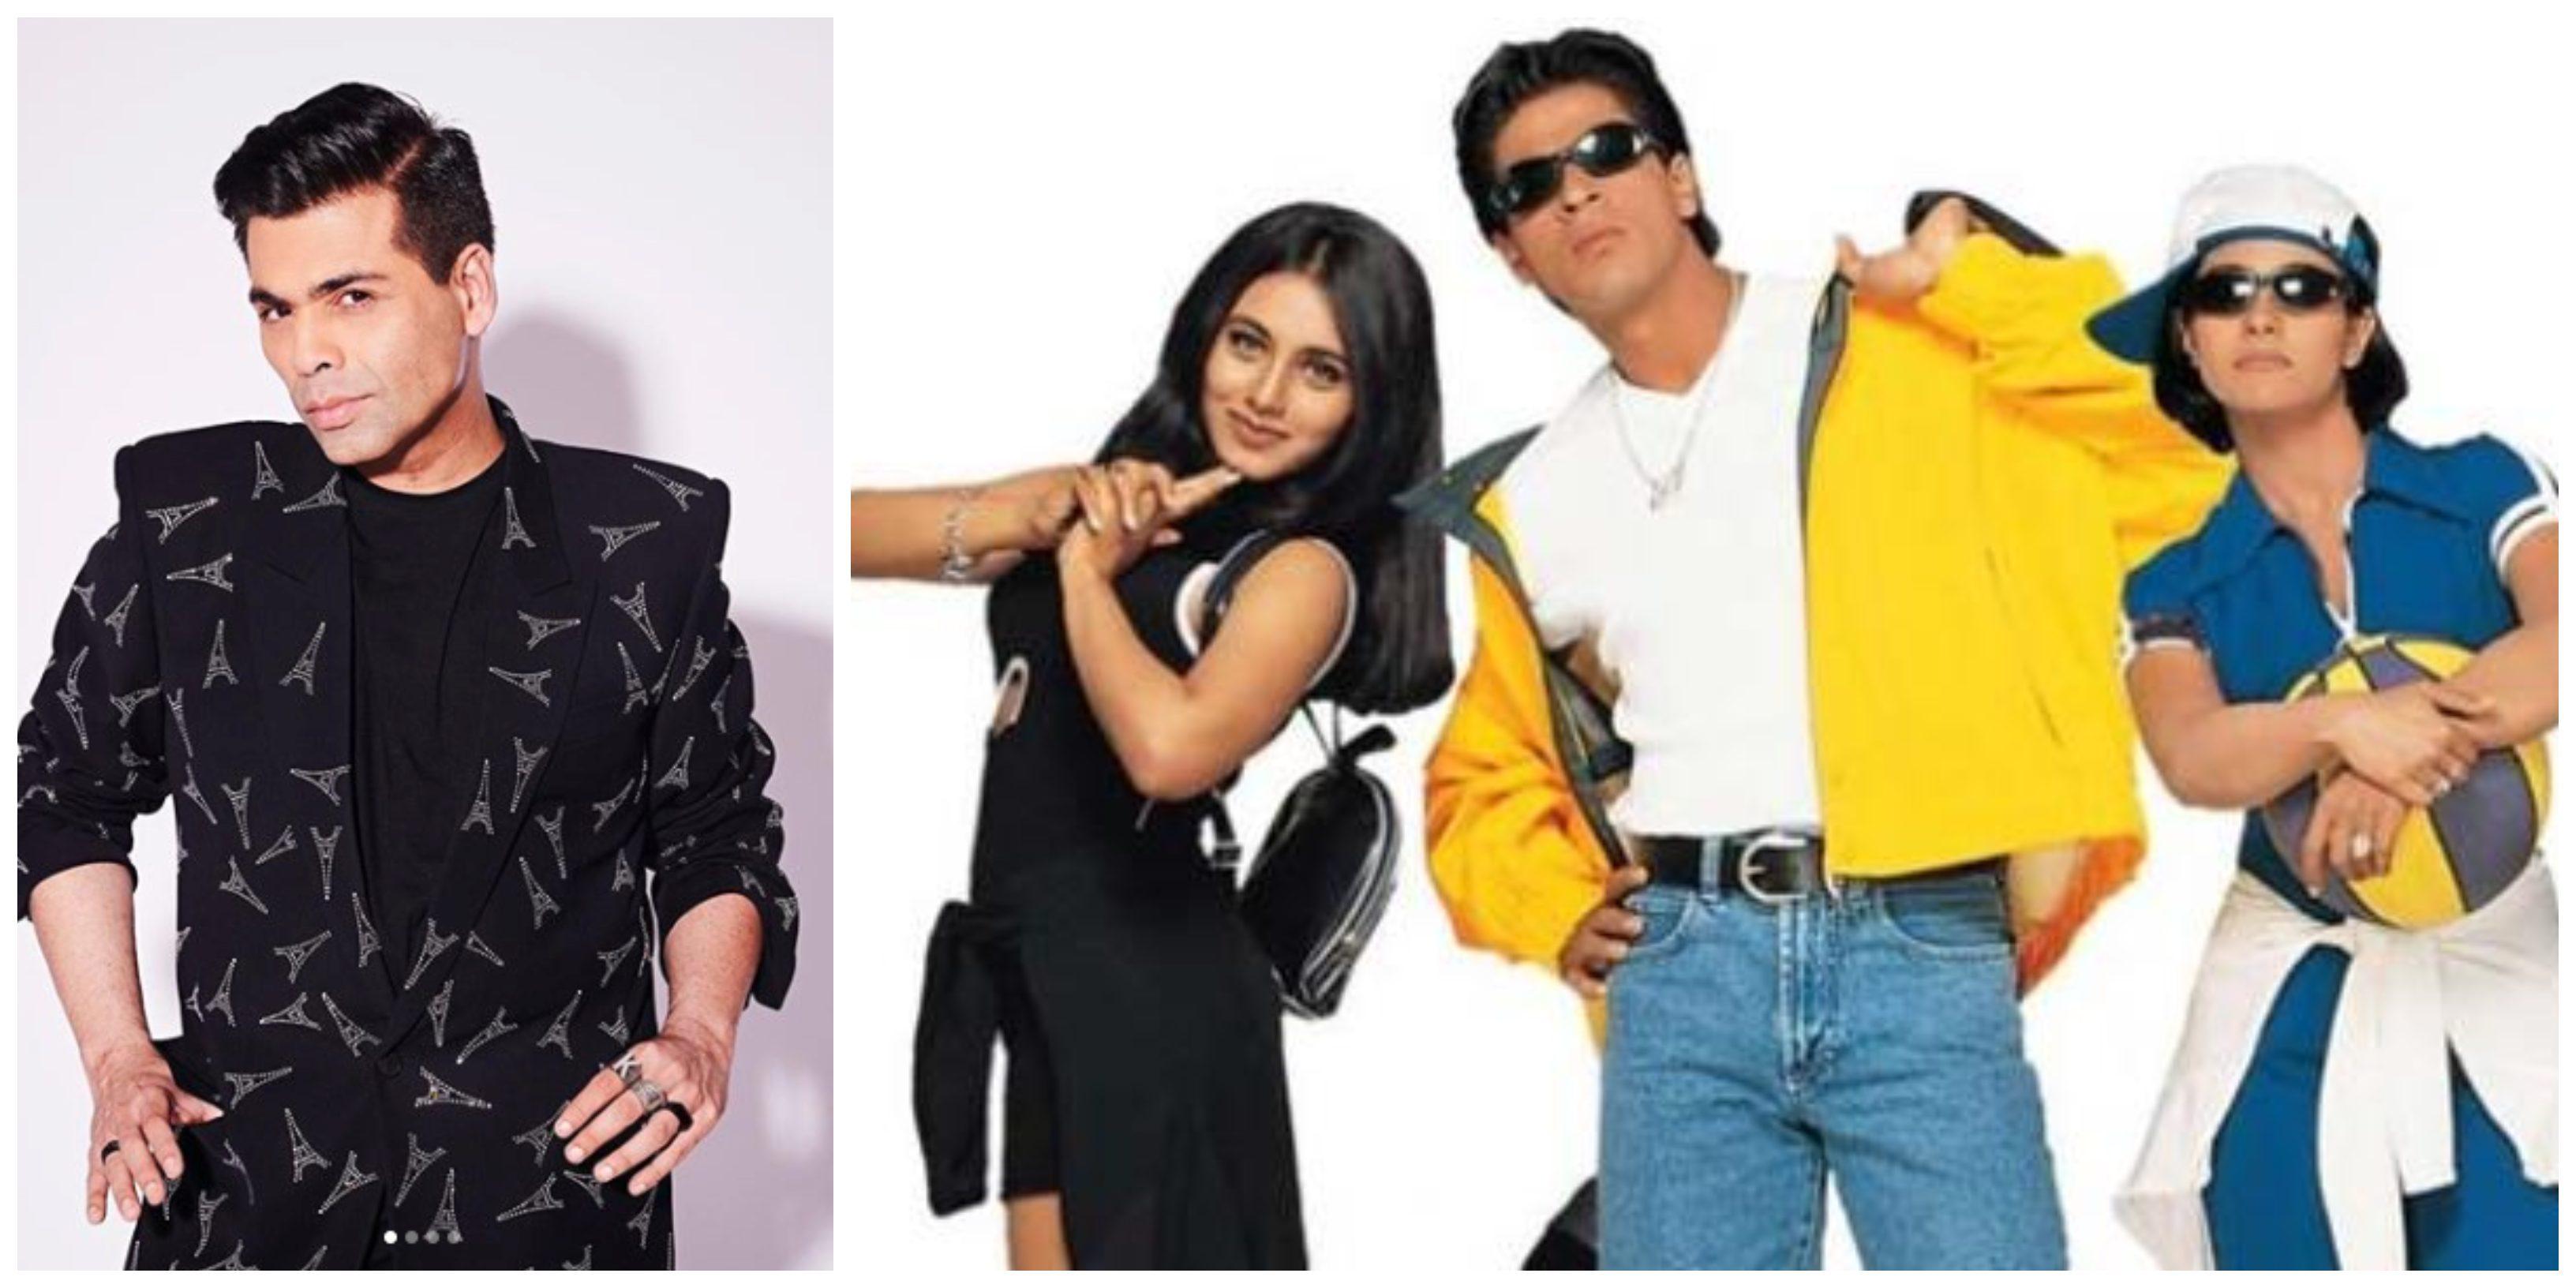 Ranveer Singh, Janvi Kapoor, Alia Bhatt, Karan Johar, Kuch Kuch hota Hai, Shah Rukh Khan, Kajol, Rani Mukjerji, NewsMobile, Mobile, News, Inda, Entertainment